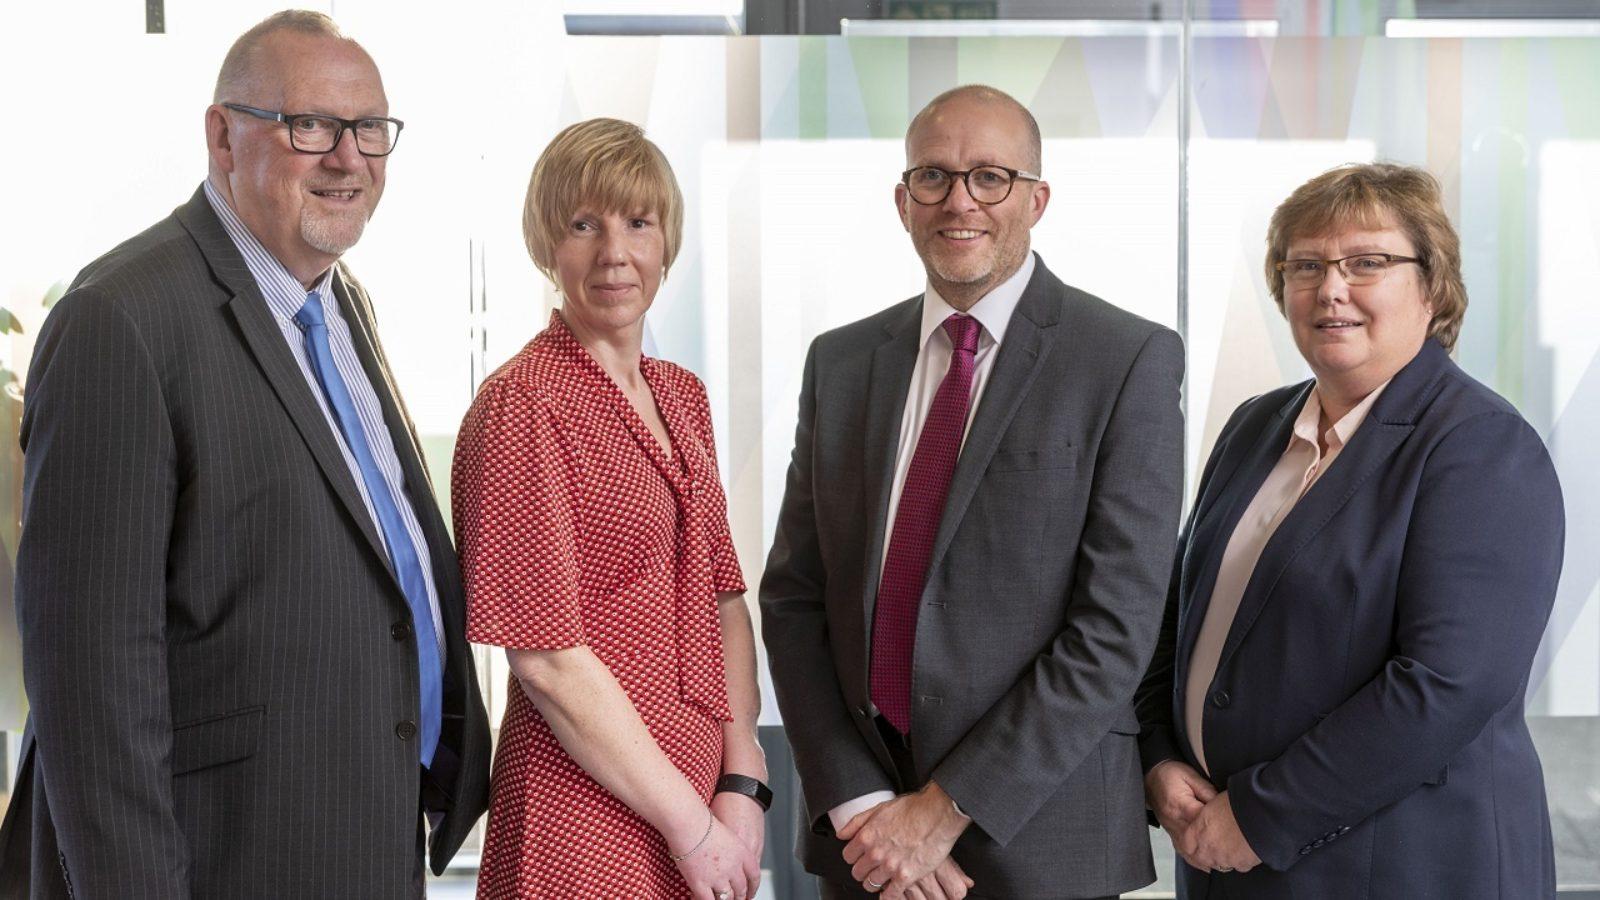 L-R: The Acumen Employee Benefit Team Nigel Saunders, Nicola Norrie, Andy Eason, Anne Lawson.